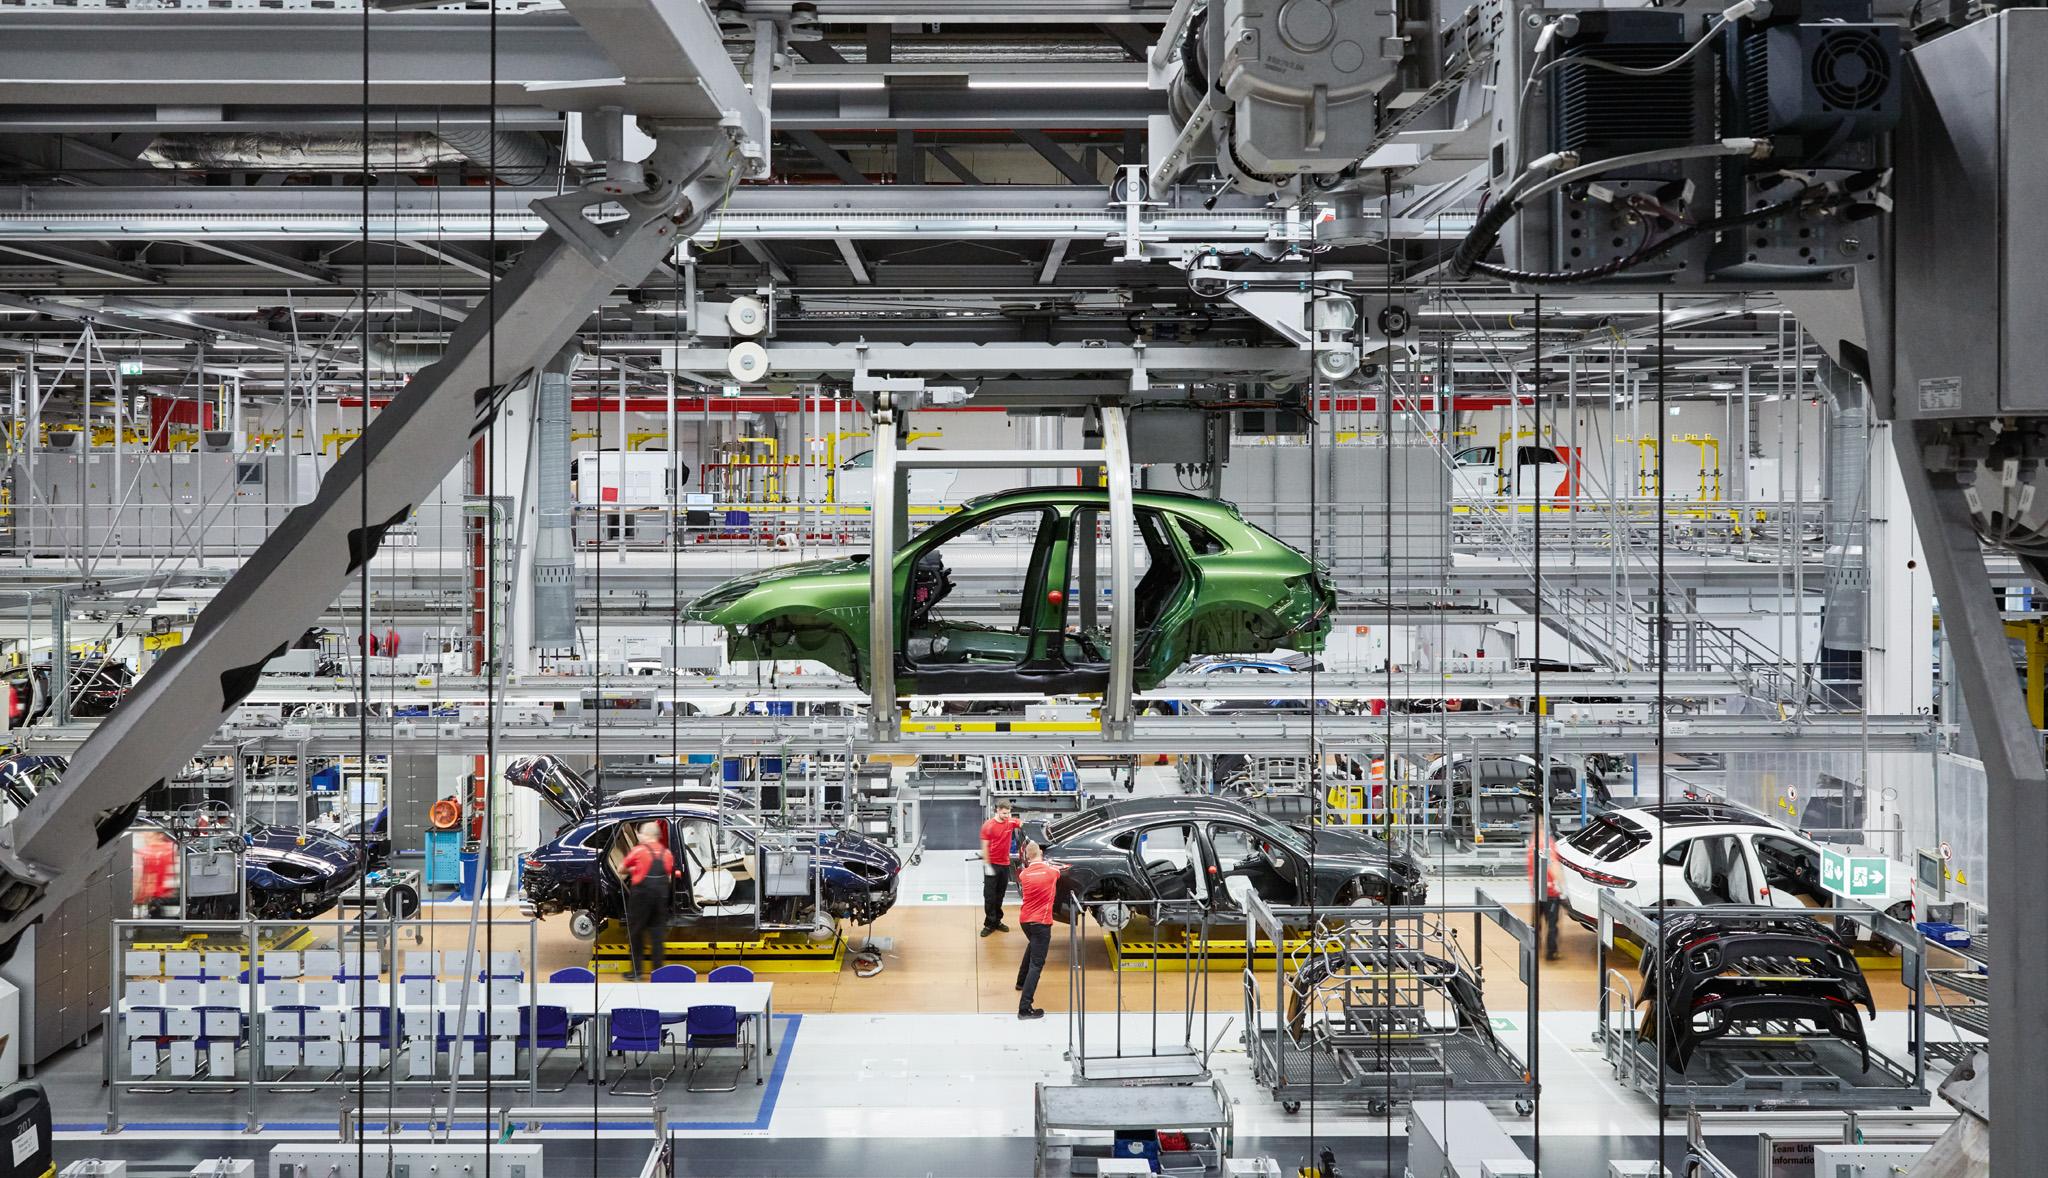 صناعة السيارات , قطاع السيارات , افريقيا , المغرب , مصر , إفريقيا , مايك ويتفيلد , نيسان , نيسان مصر , Nissan , الصناعات المغذية , فرص قطاع السيارات المصري